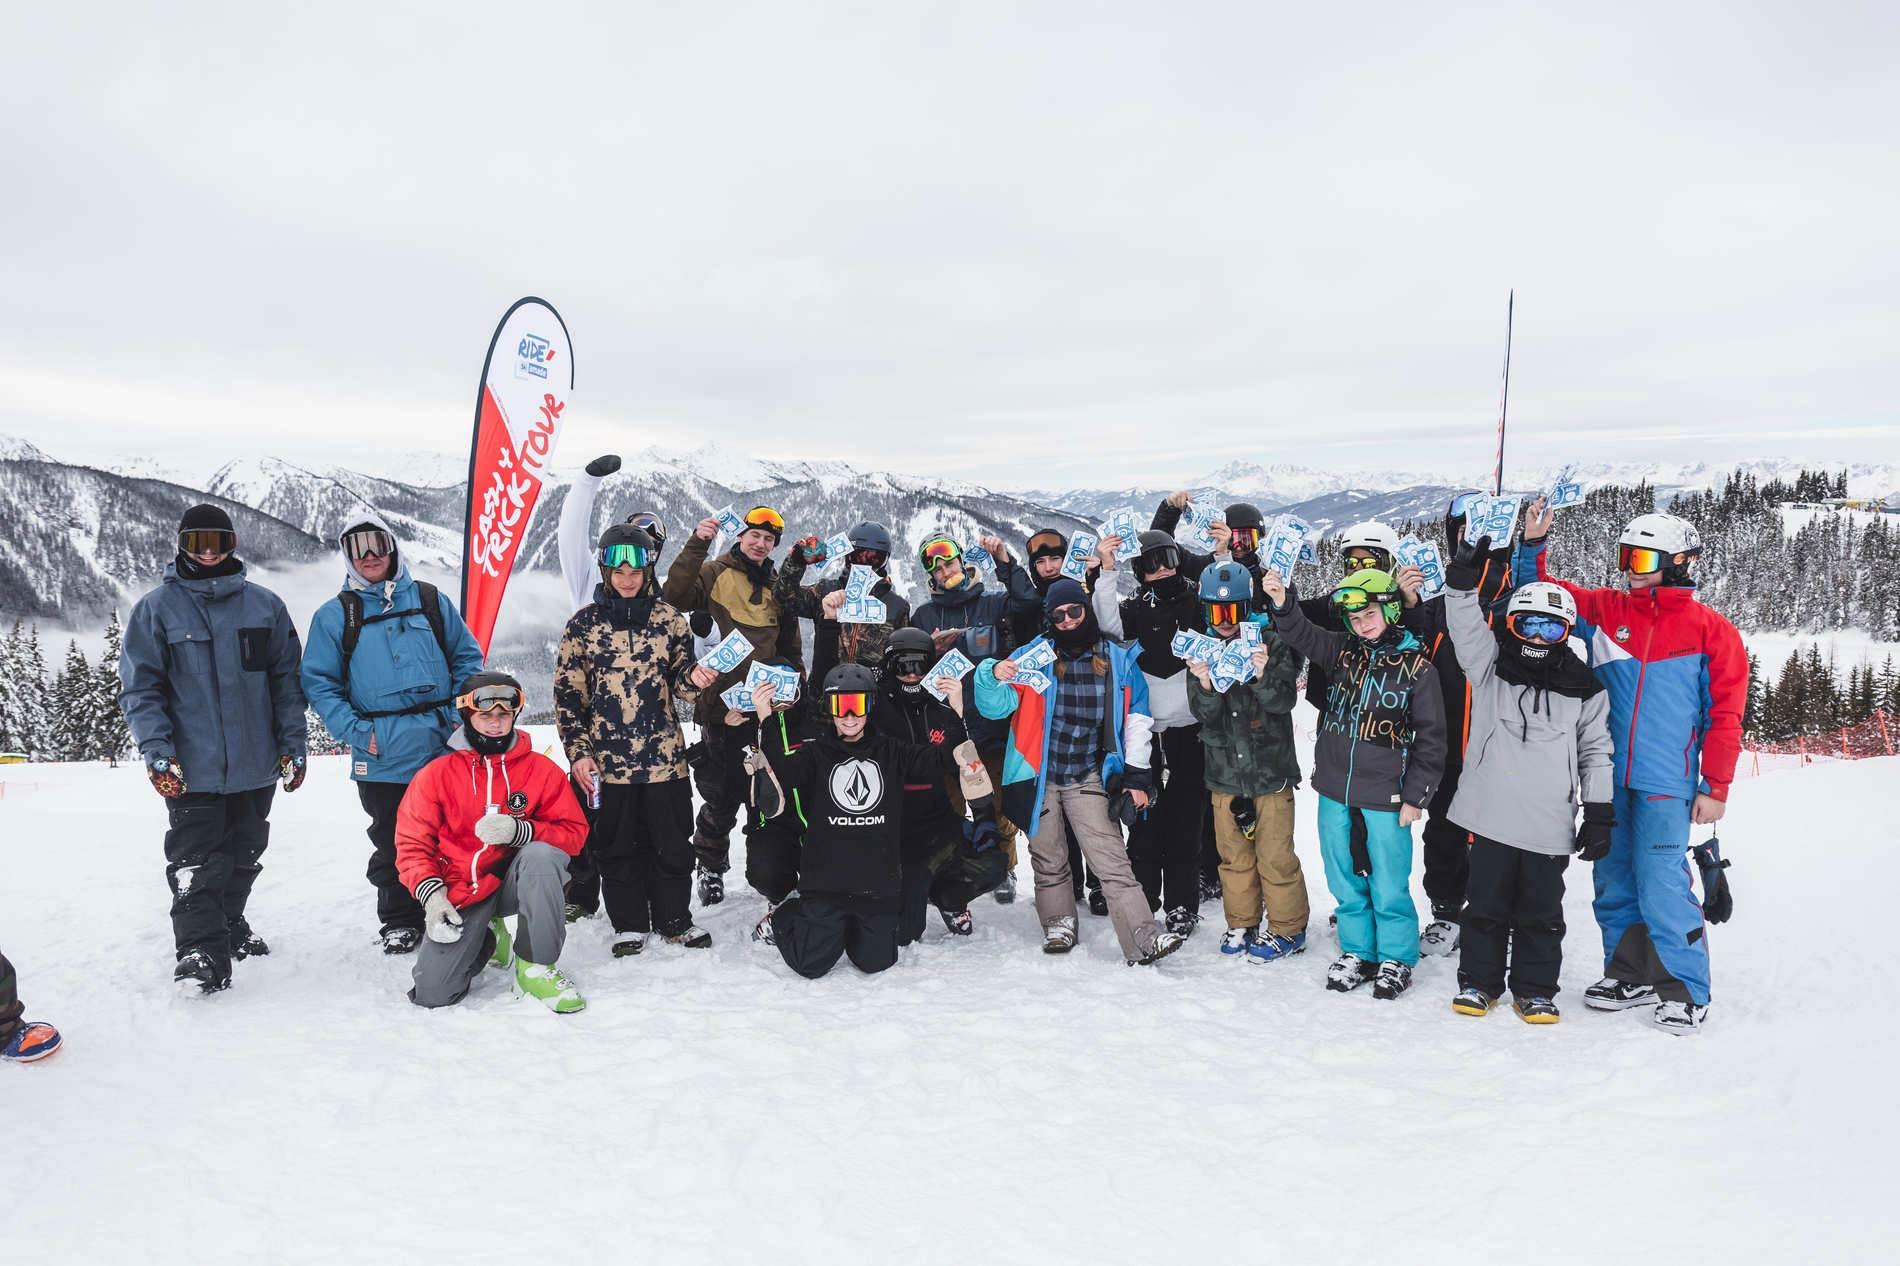 """Gemeinsam Shredden und Geld verdienen - das könnt ihr bei der Ride Ski amadé """"Cash 4 Tricks Tour 2020""""! - Foto: Hannes Mautner"""